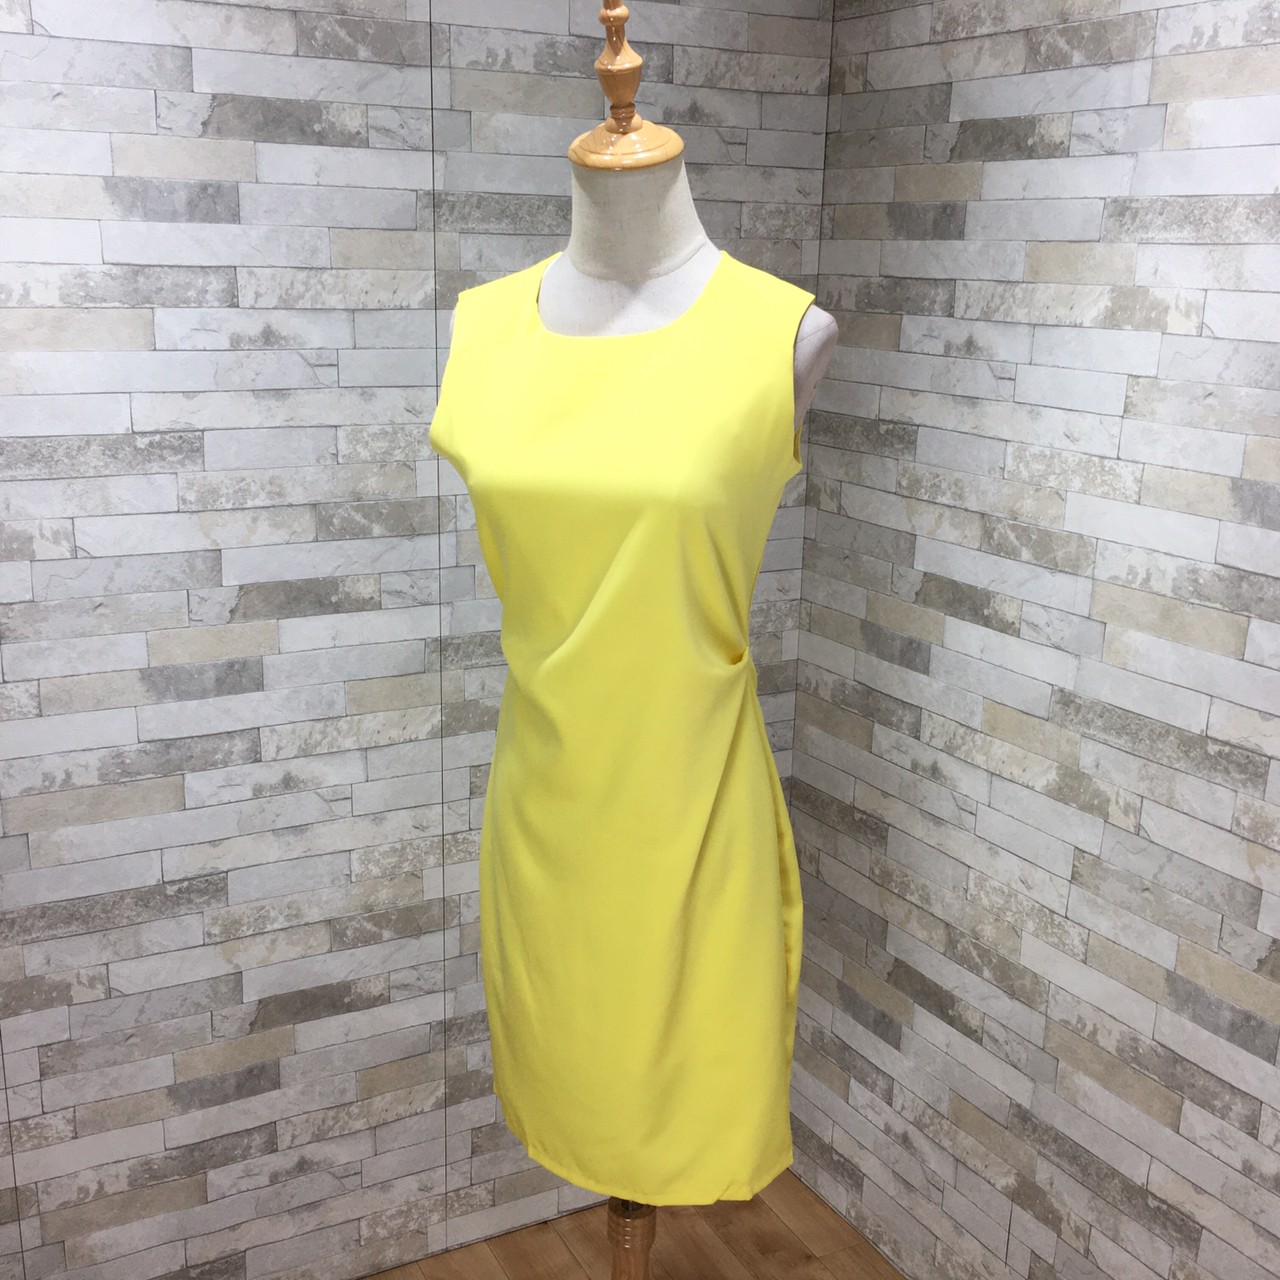 韓国 ファッション ワンピース パーティードレス ショート ミニ丈 夏 春 パーティー ブライダル PTXH937 結婚式 お呼ばれ キレイ色 ベーシックデザイン 着回し シ 二次会 セレブ きれいめの写真6枚目